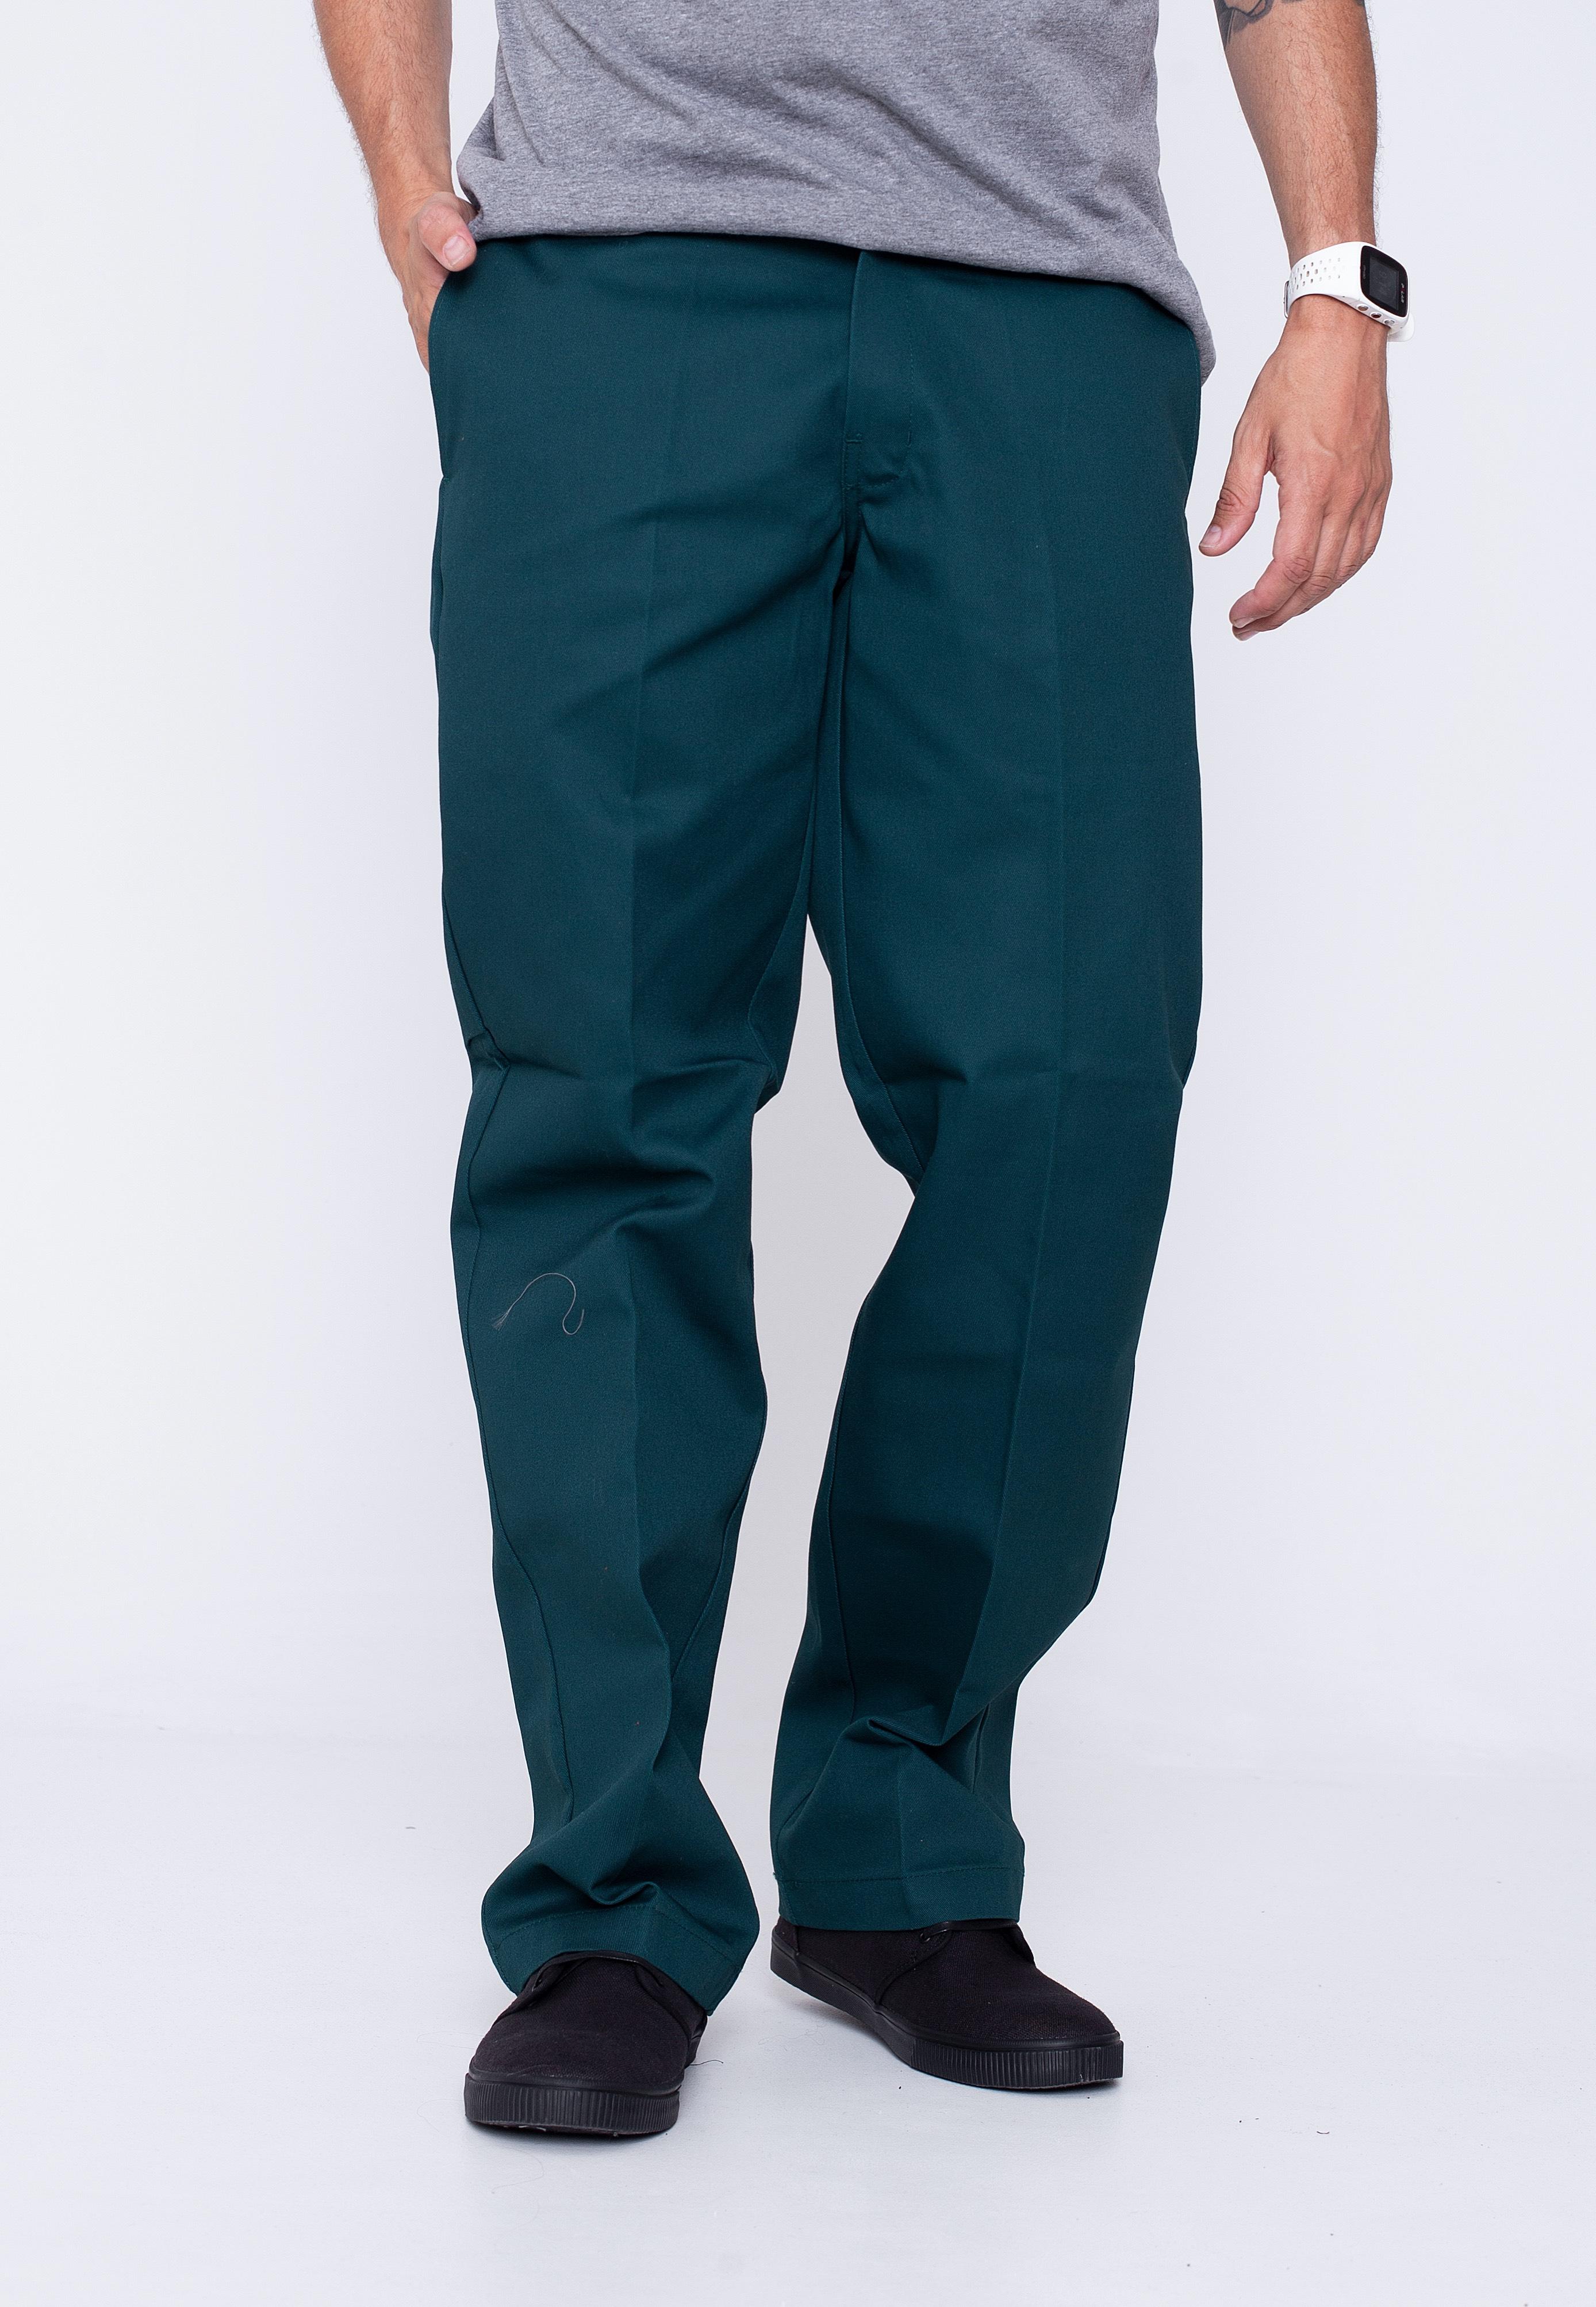 Dickies - Original Fit Straight Leg Work Ponderosa Pine - Pants